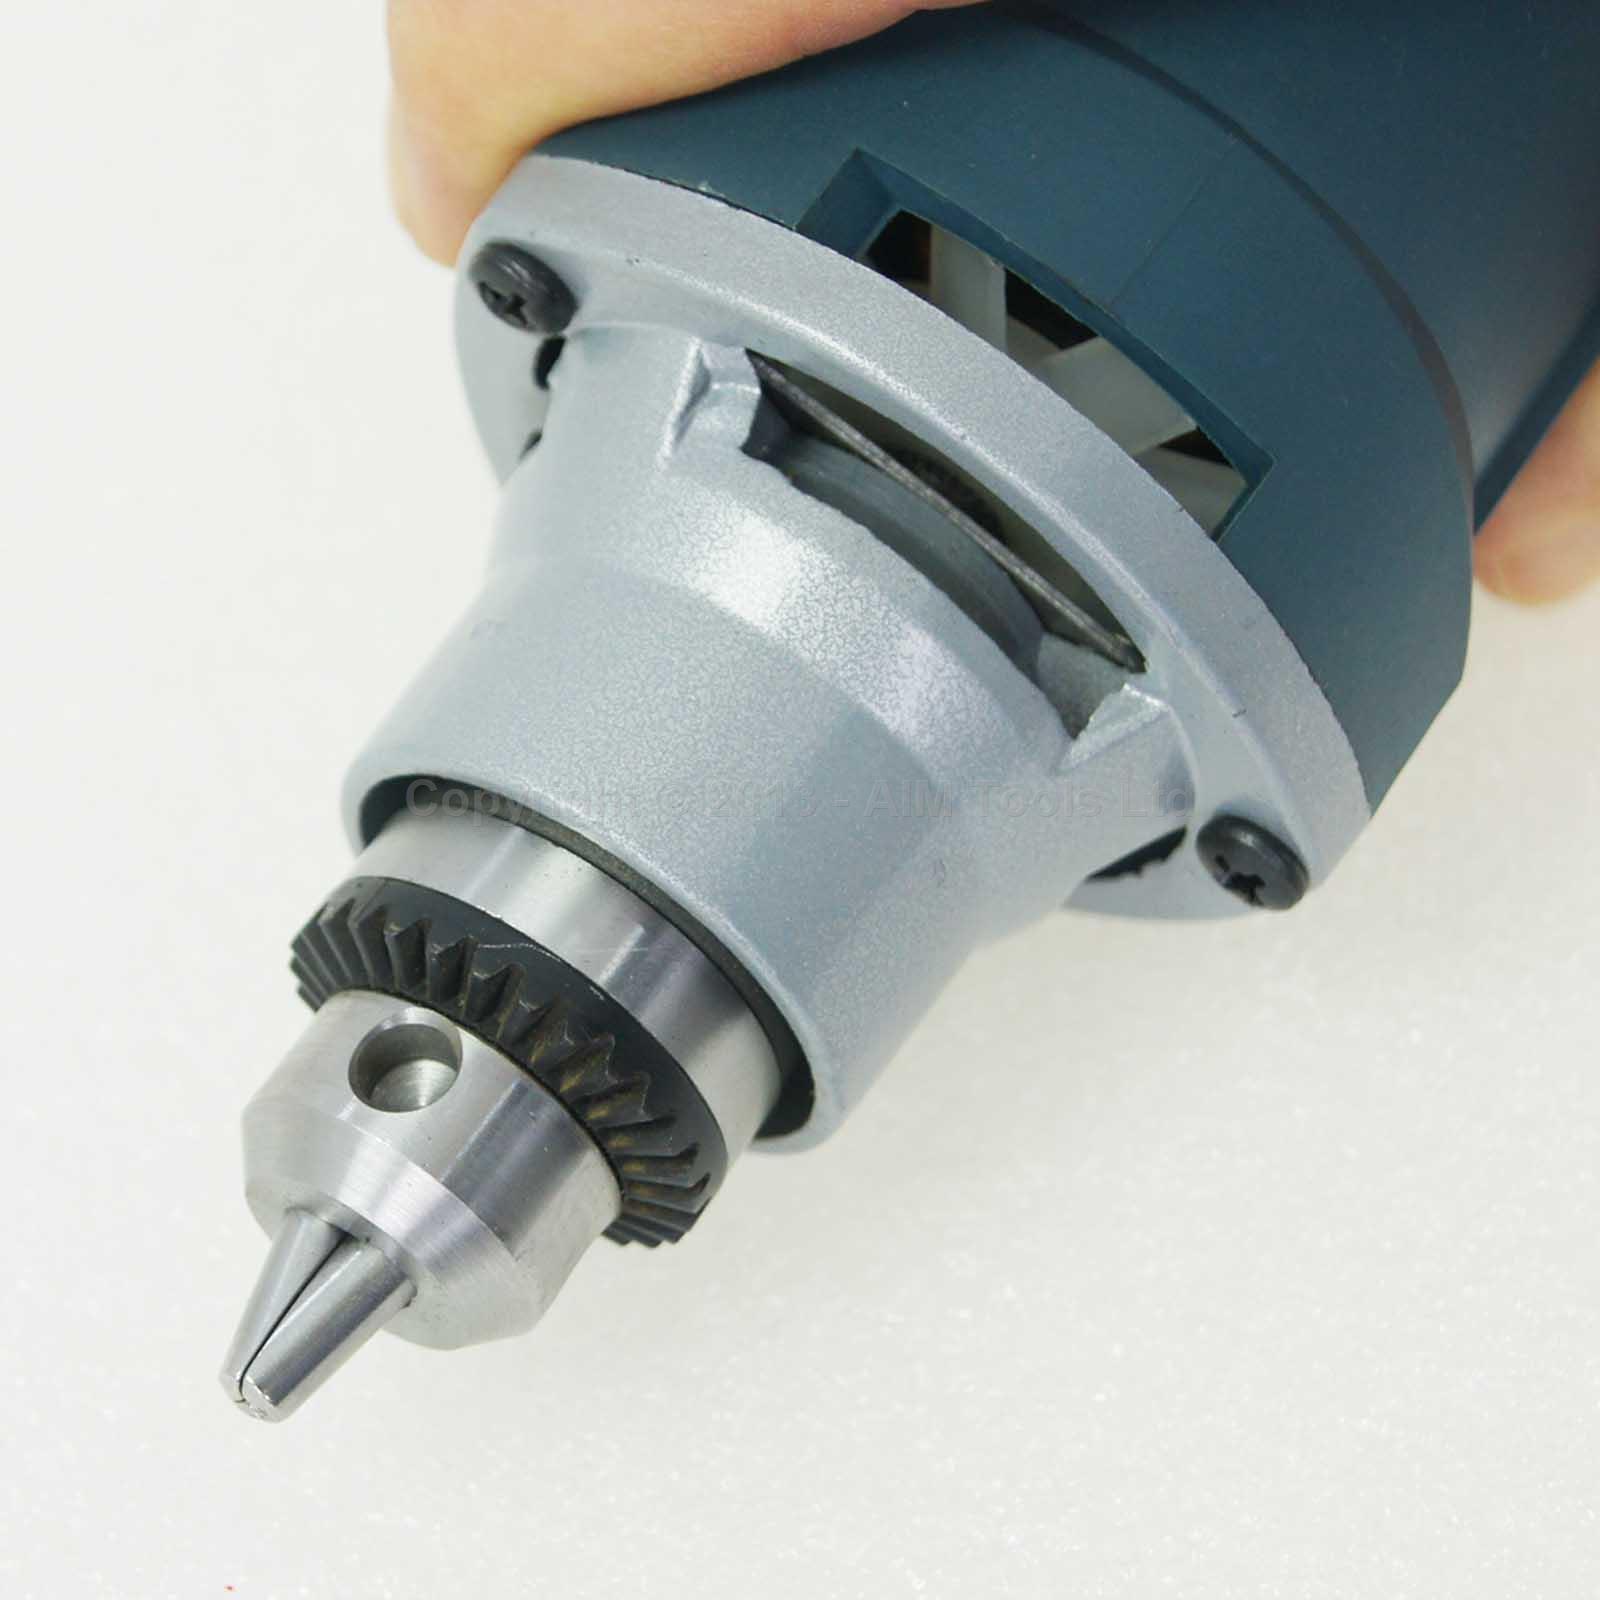 Die Grinder Chuck ~ Merry tools professional electric straight die